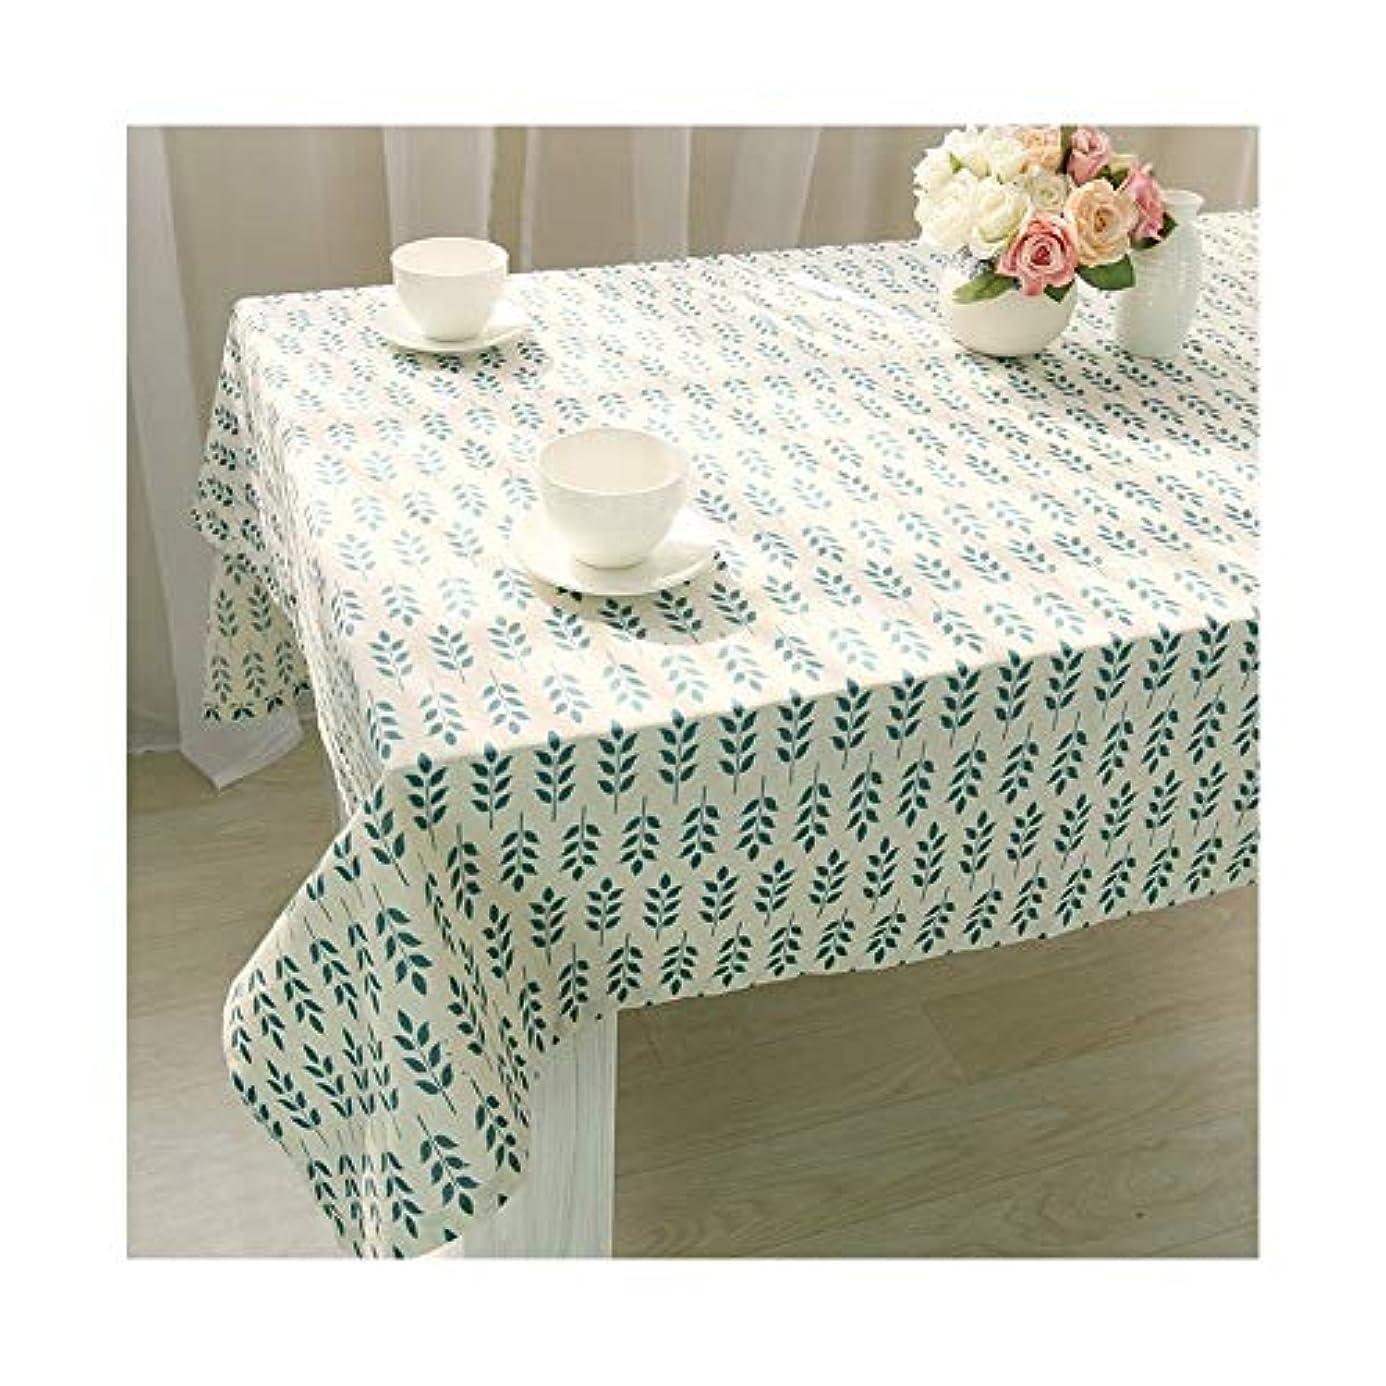 荷物中傷気づくなるクリア テーブルクロス防水印刷は、ホームデイリーダイニングテーブルクロスをきれいにすることができます (Color : Green, Size : 140*160)